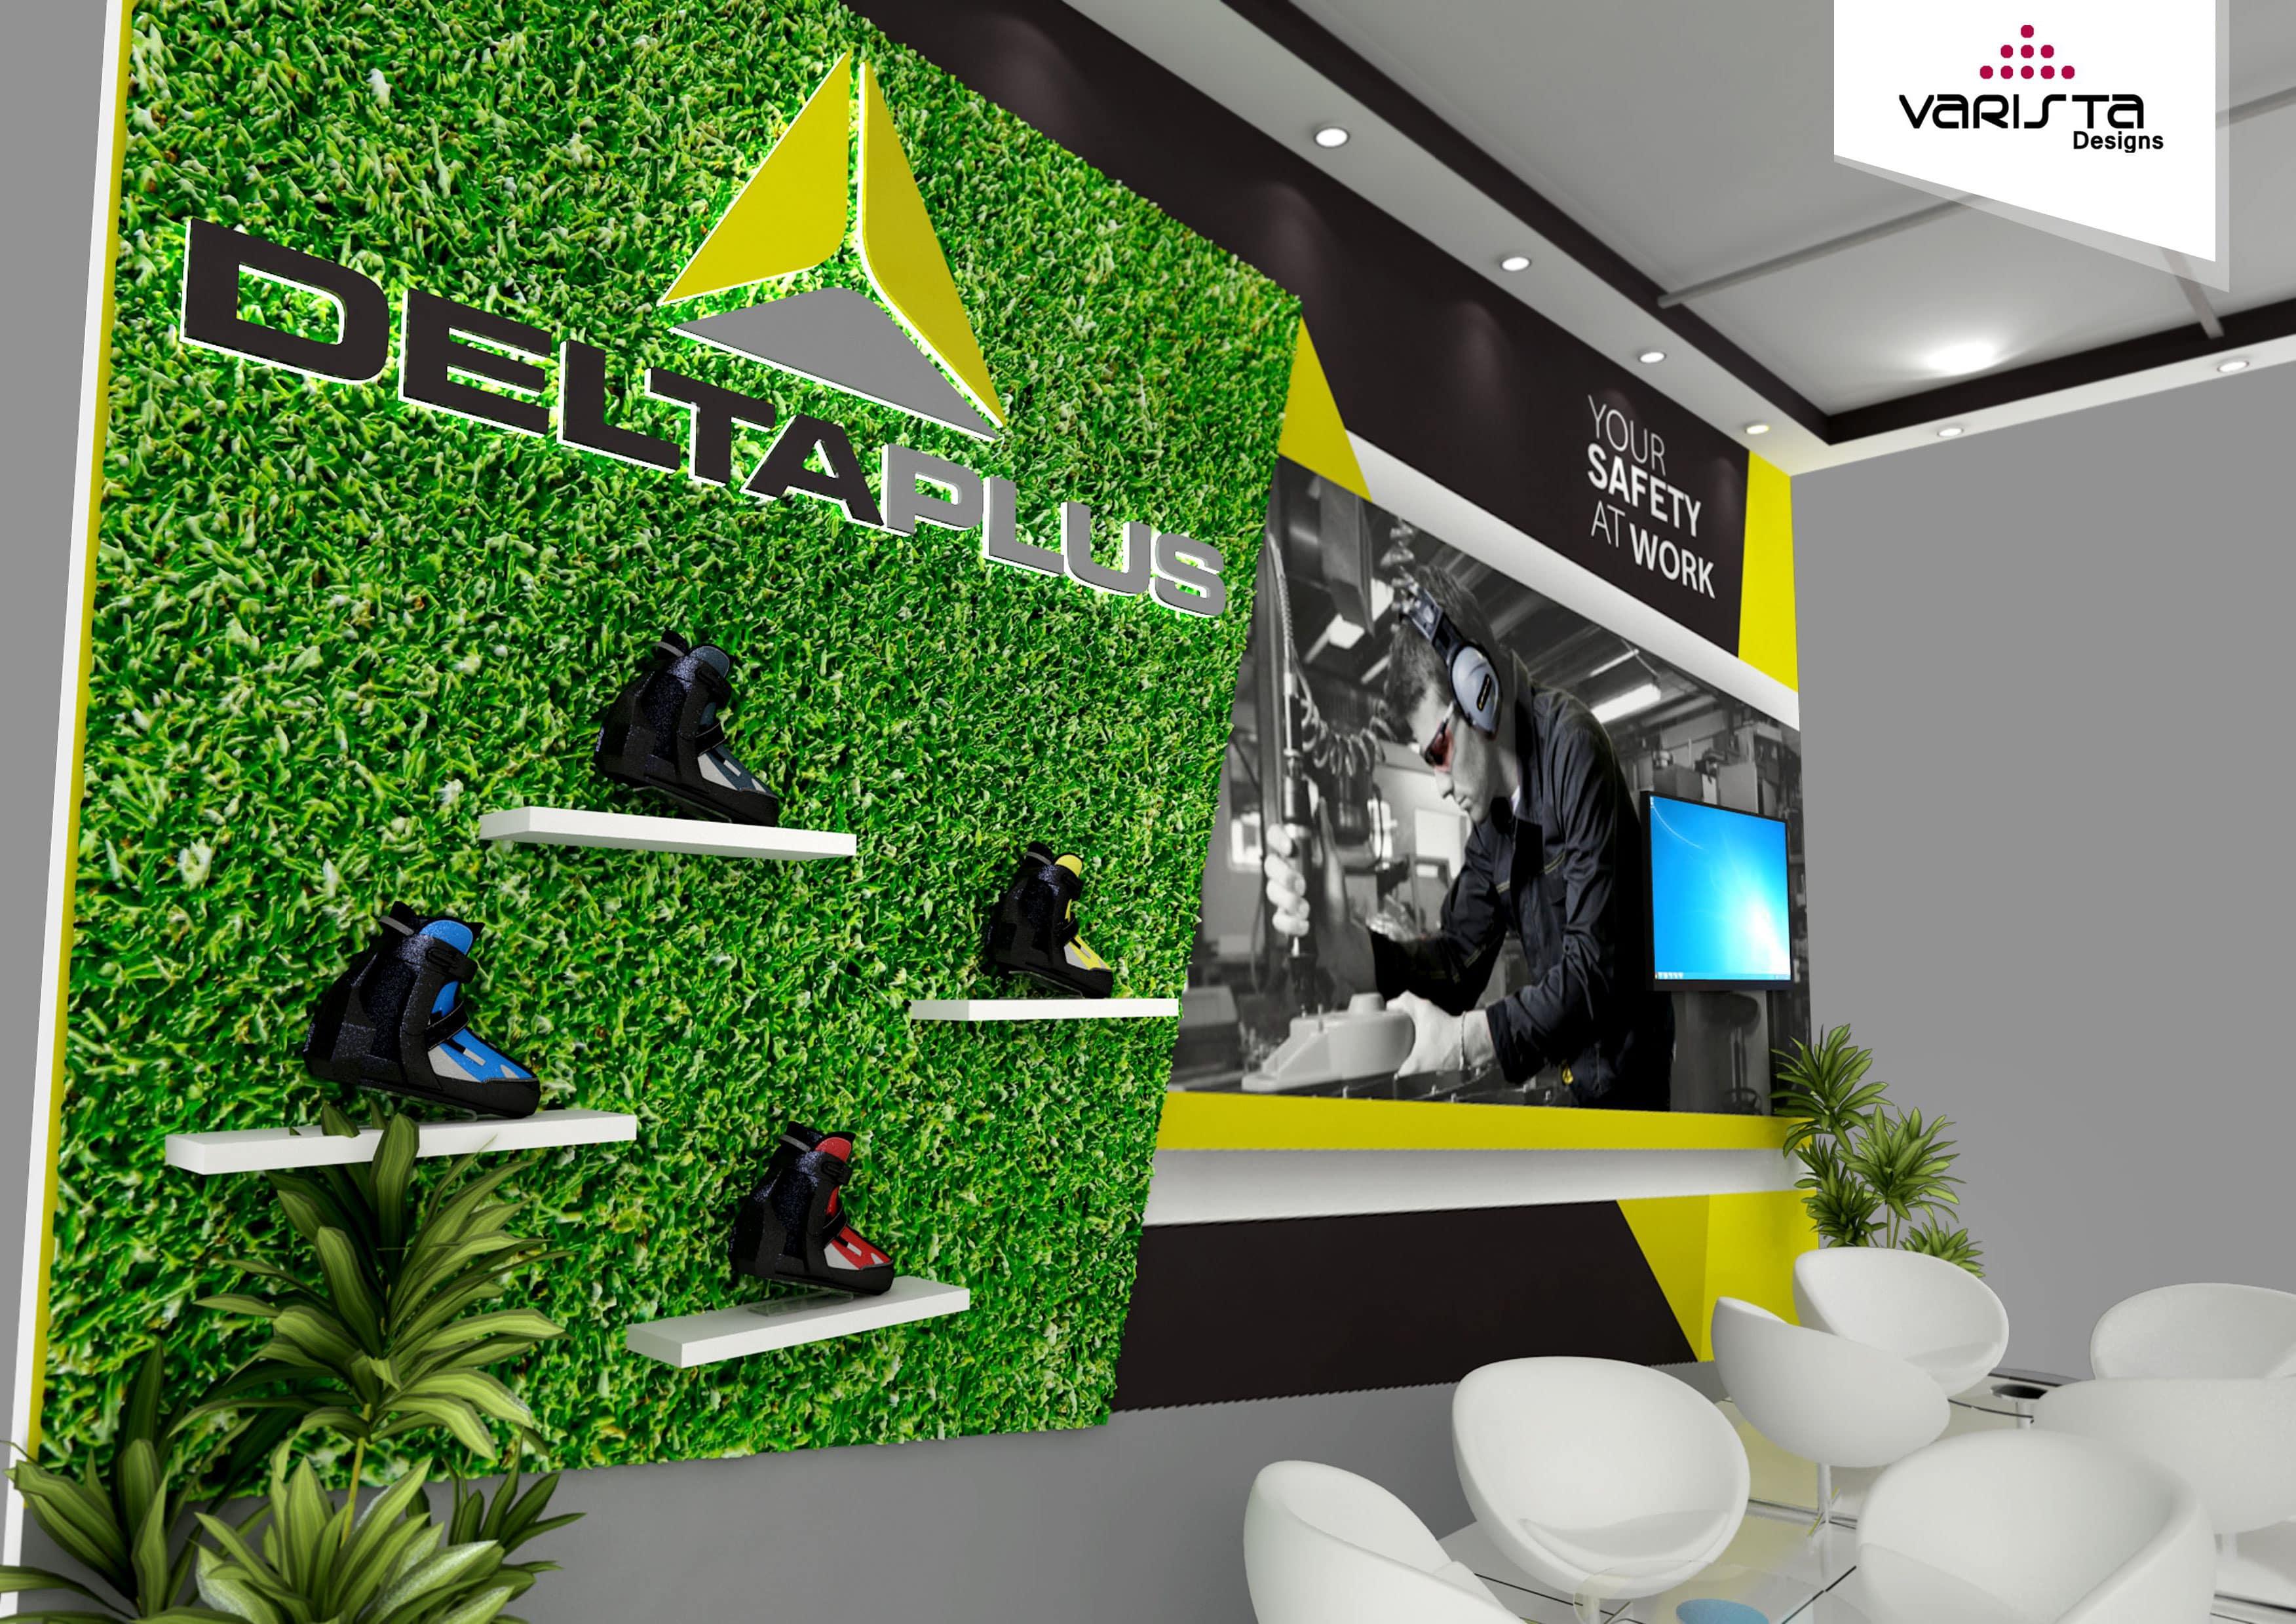 deltaplus exhibition stand designsed by varistadesigns